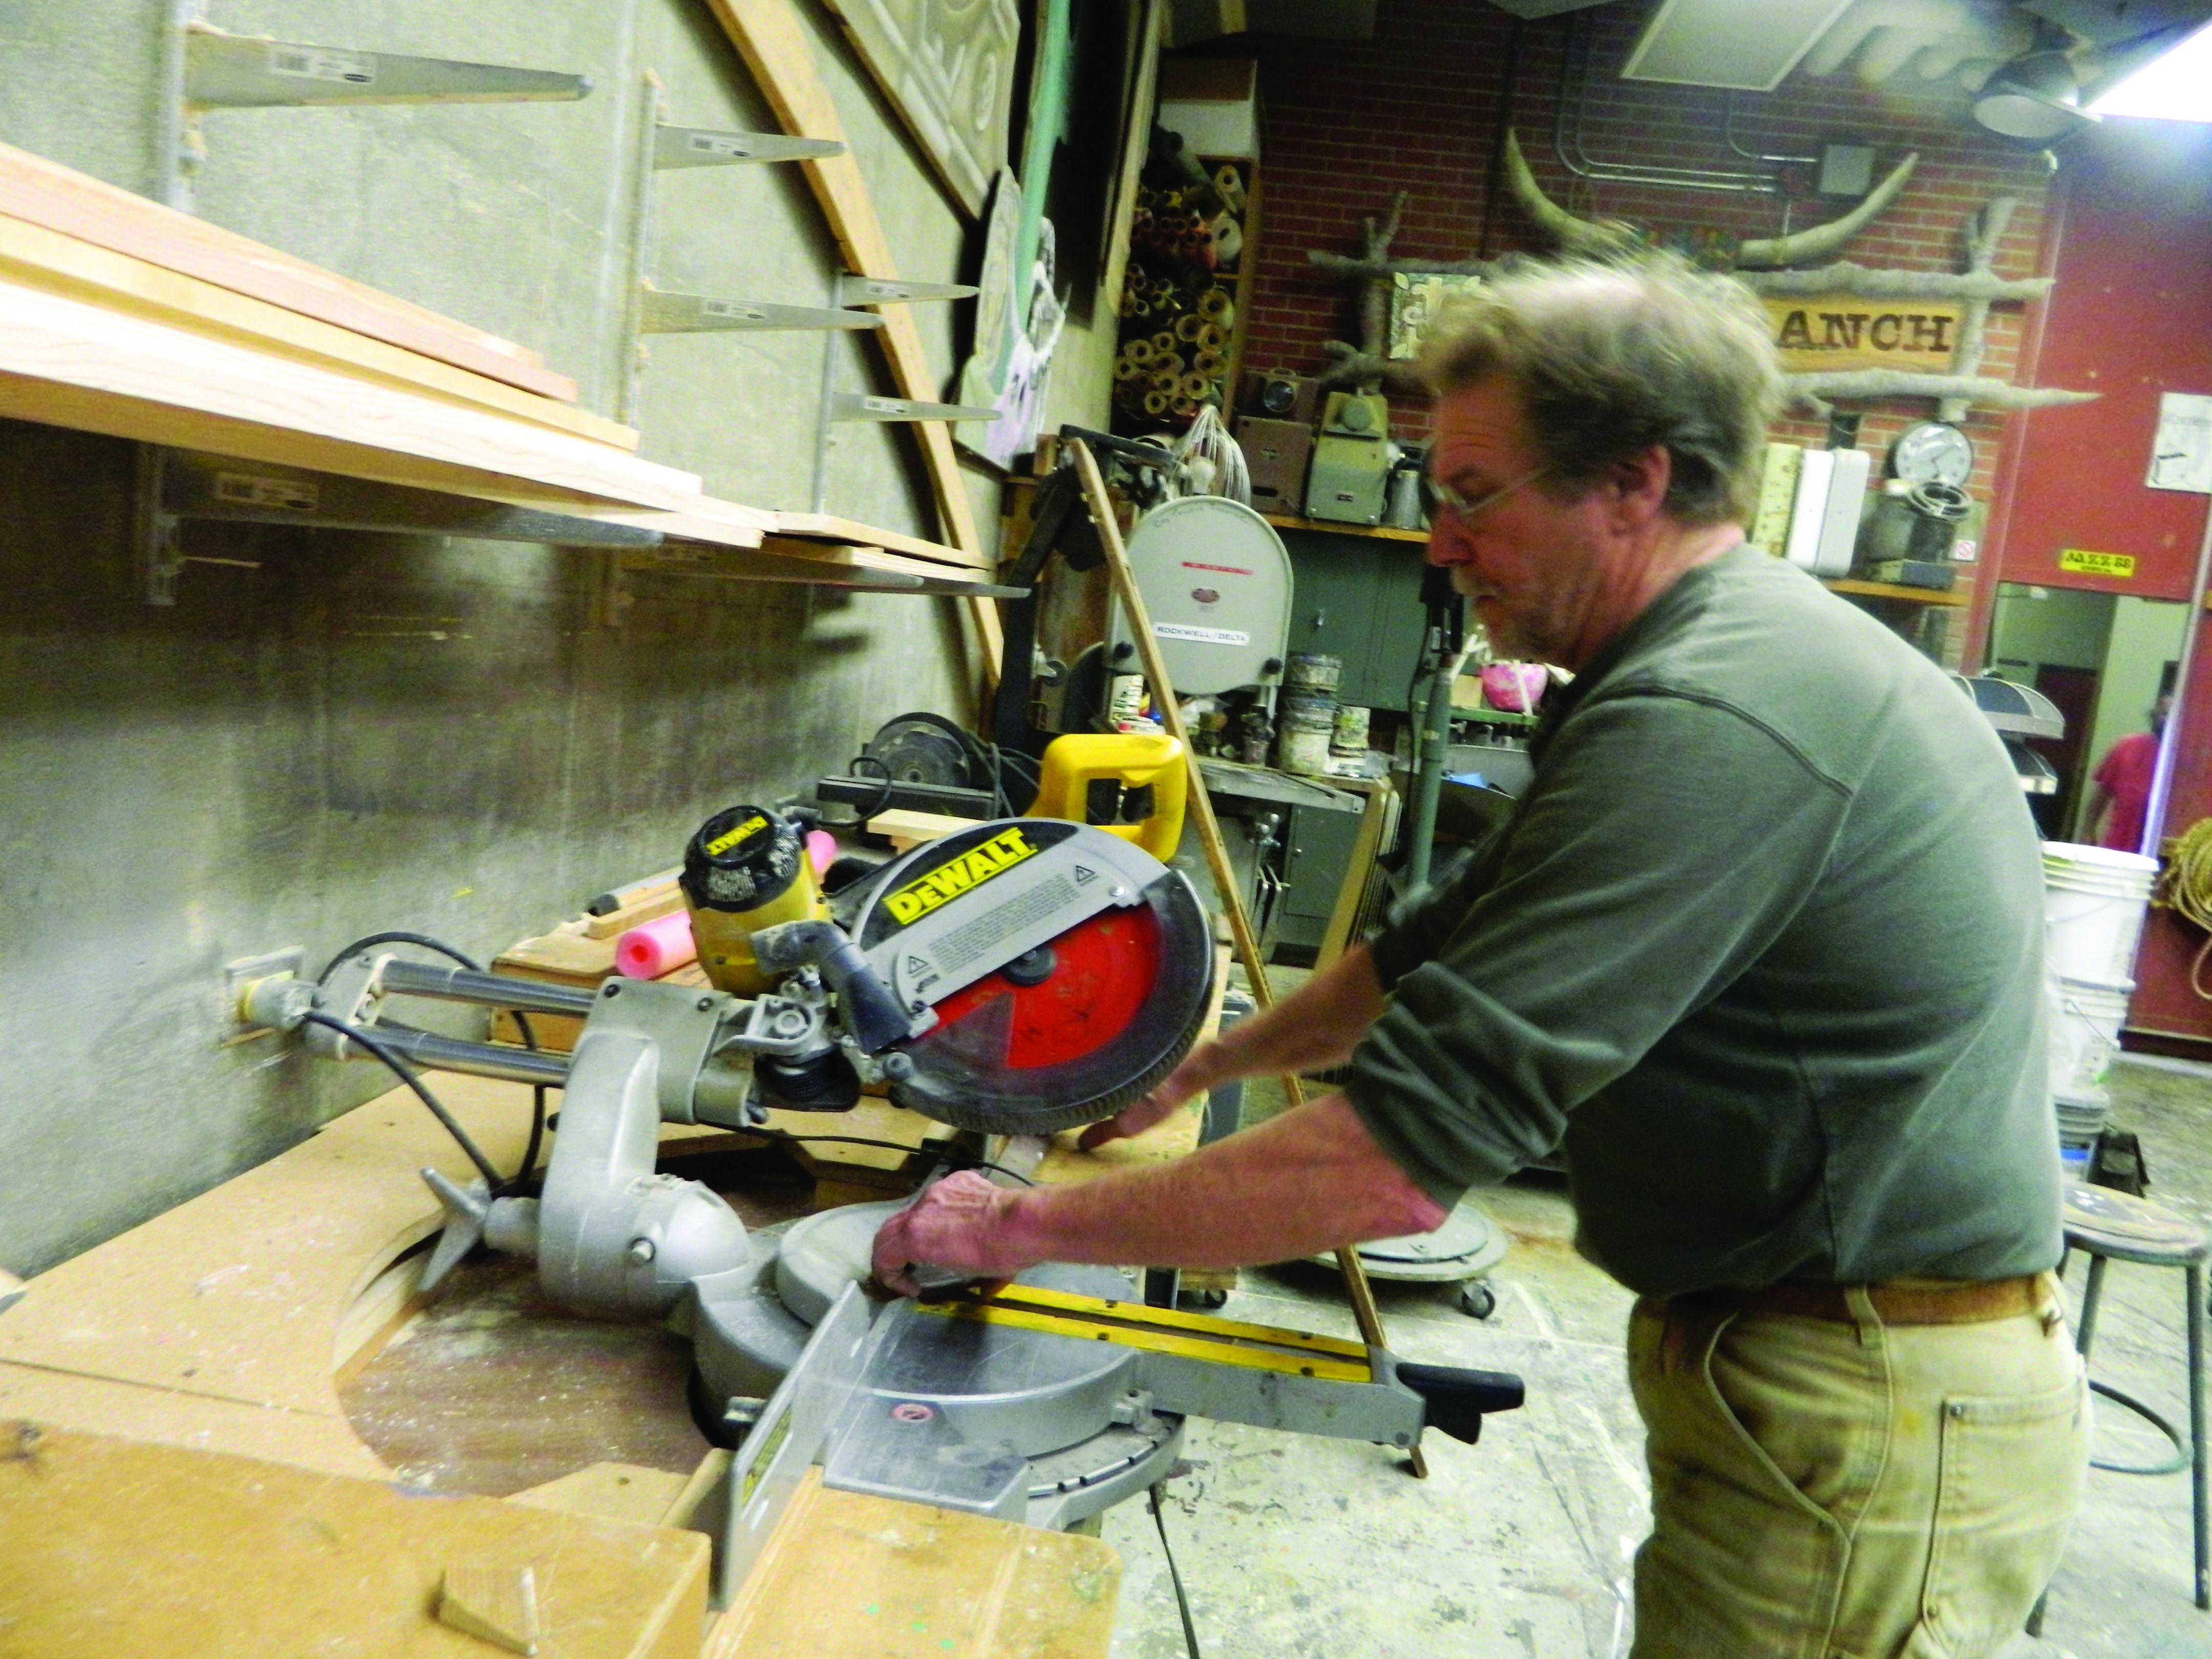 Professor Duane Gardella hard at work during class. Steven Dunetz, City Times. Photo credit: Steven Dunetz